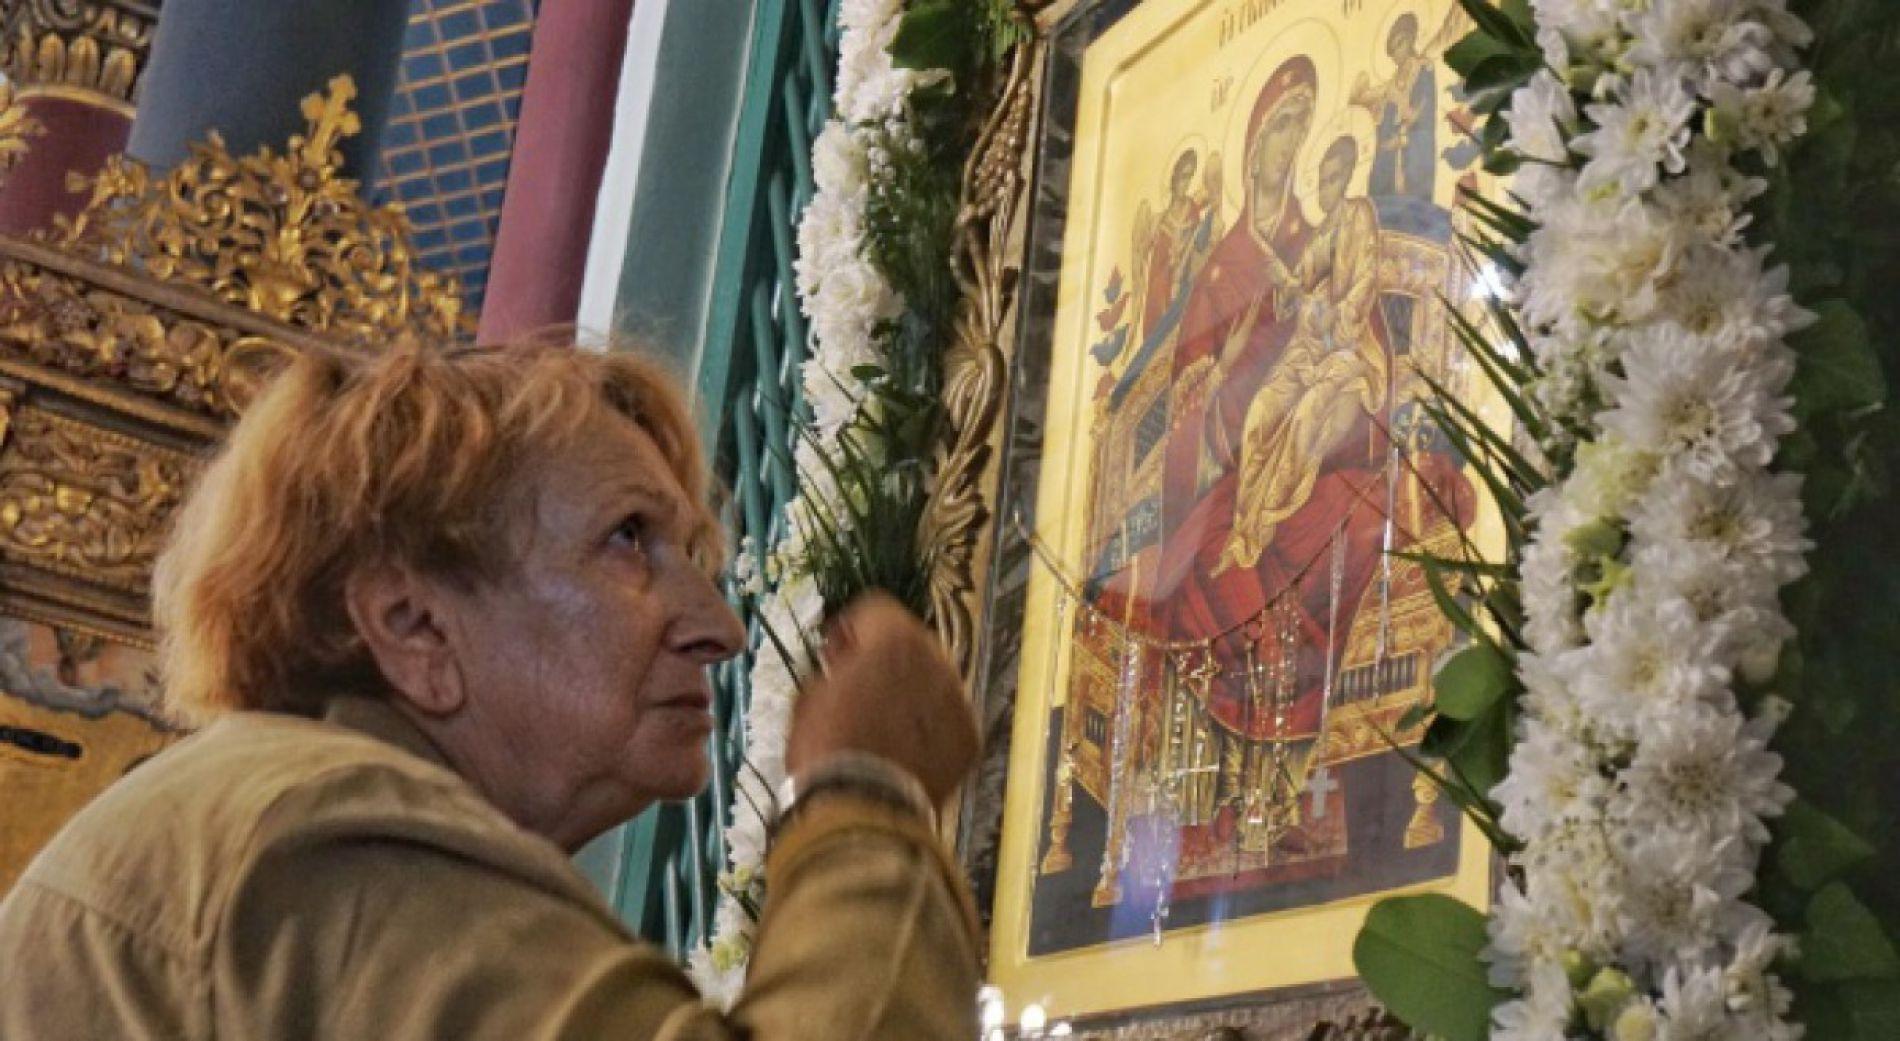 Жители Варны поклонялись иконе, которую они считают чудотворной